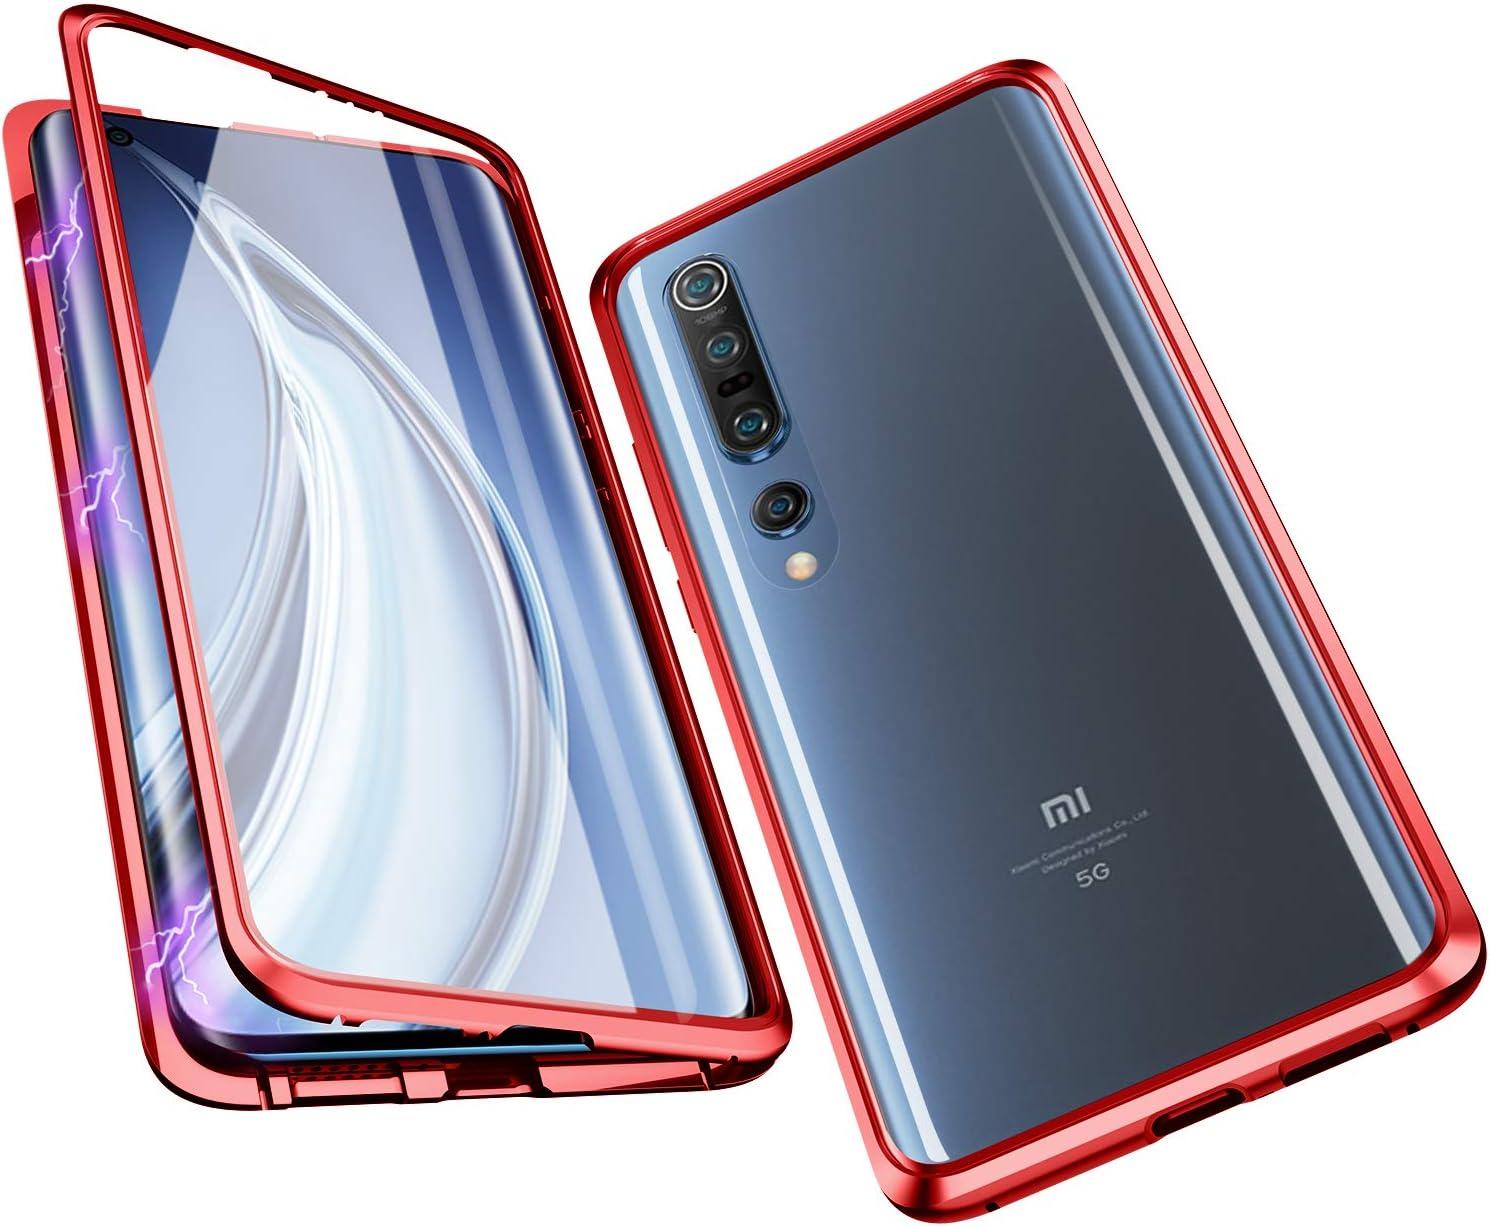 Plata Jonwelsy Funda para Xiaomi Mi 10//10 Pro Adsorci/ón Magn/ética Parachoques de Metal con 360 Grados Protecci/ón Case Cover Transparente Ambos Lados Vidrio Templado Cubierta para Xiaomi Mi 10